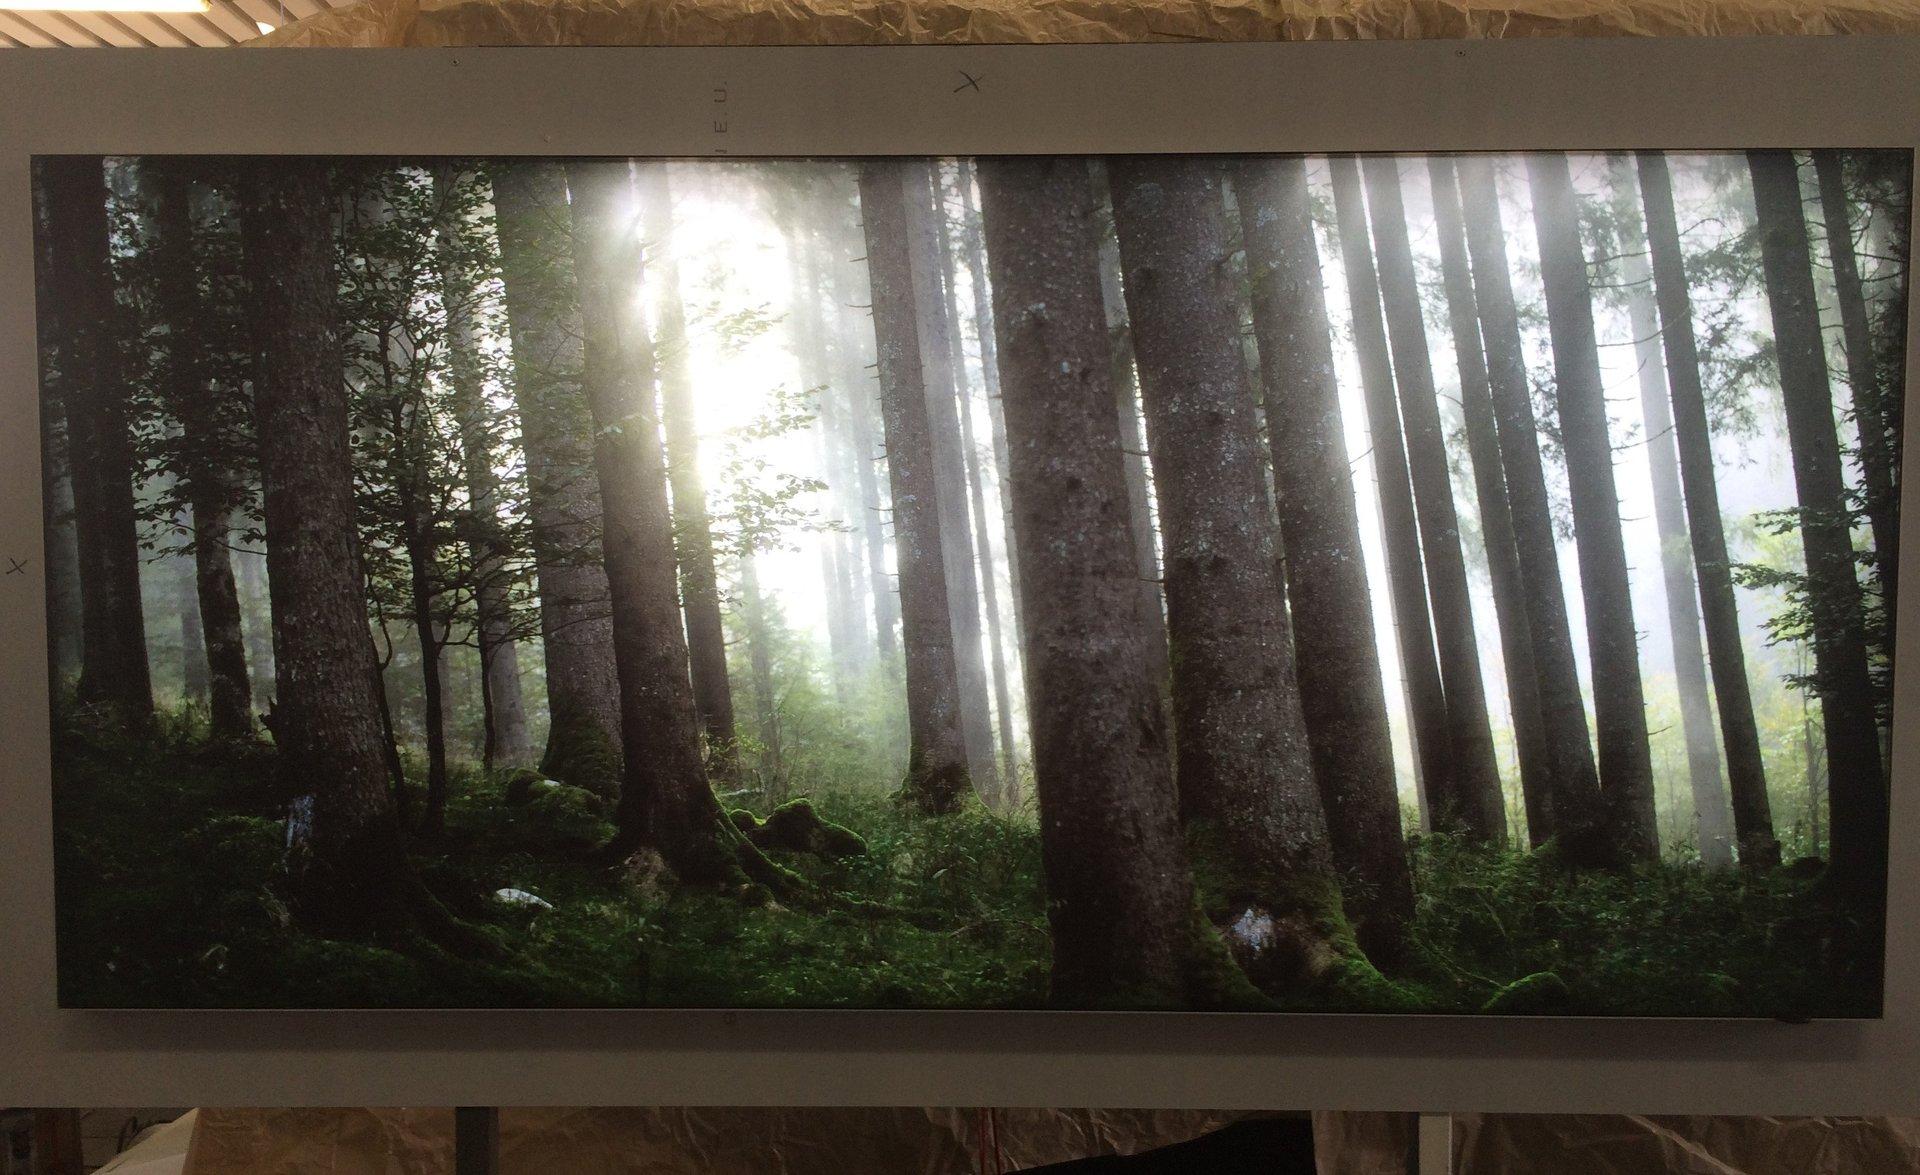 quadro luminoso di un bosco